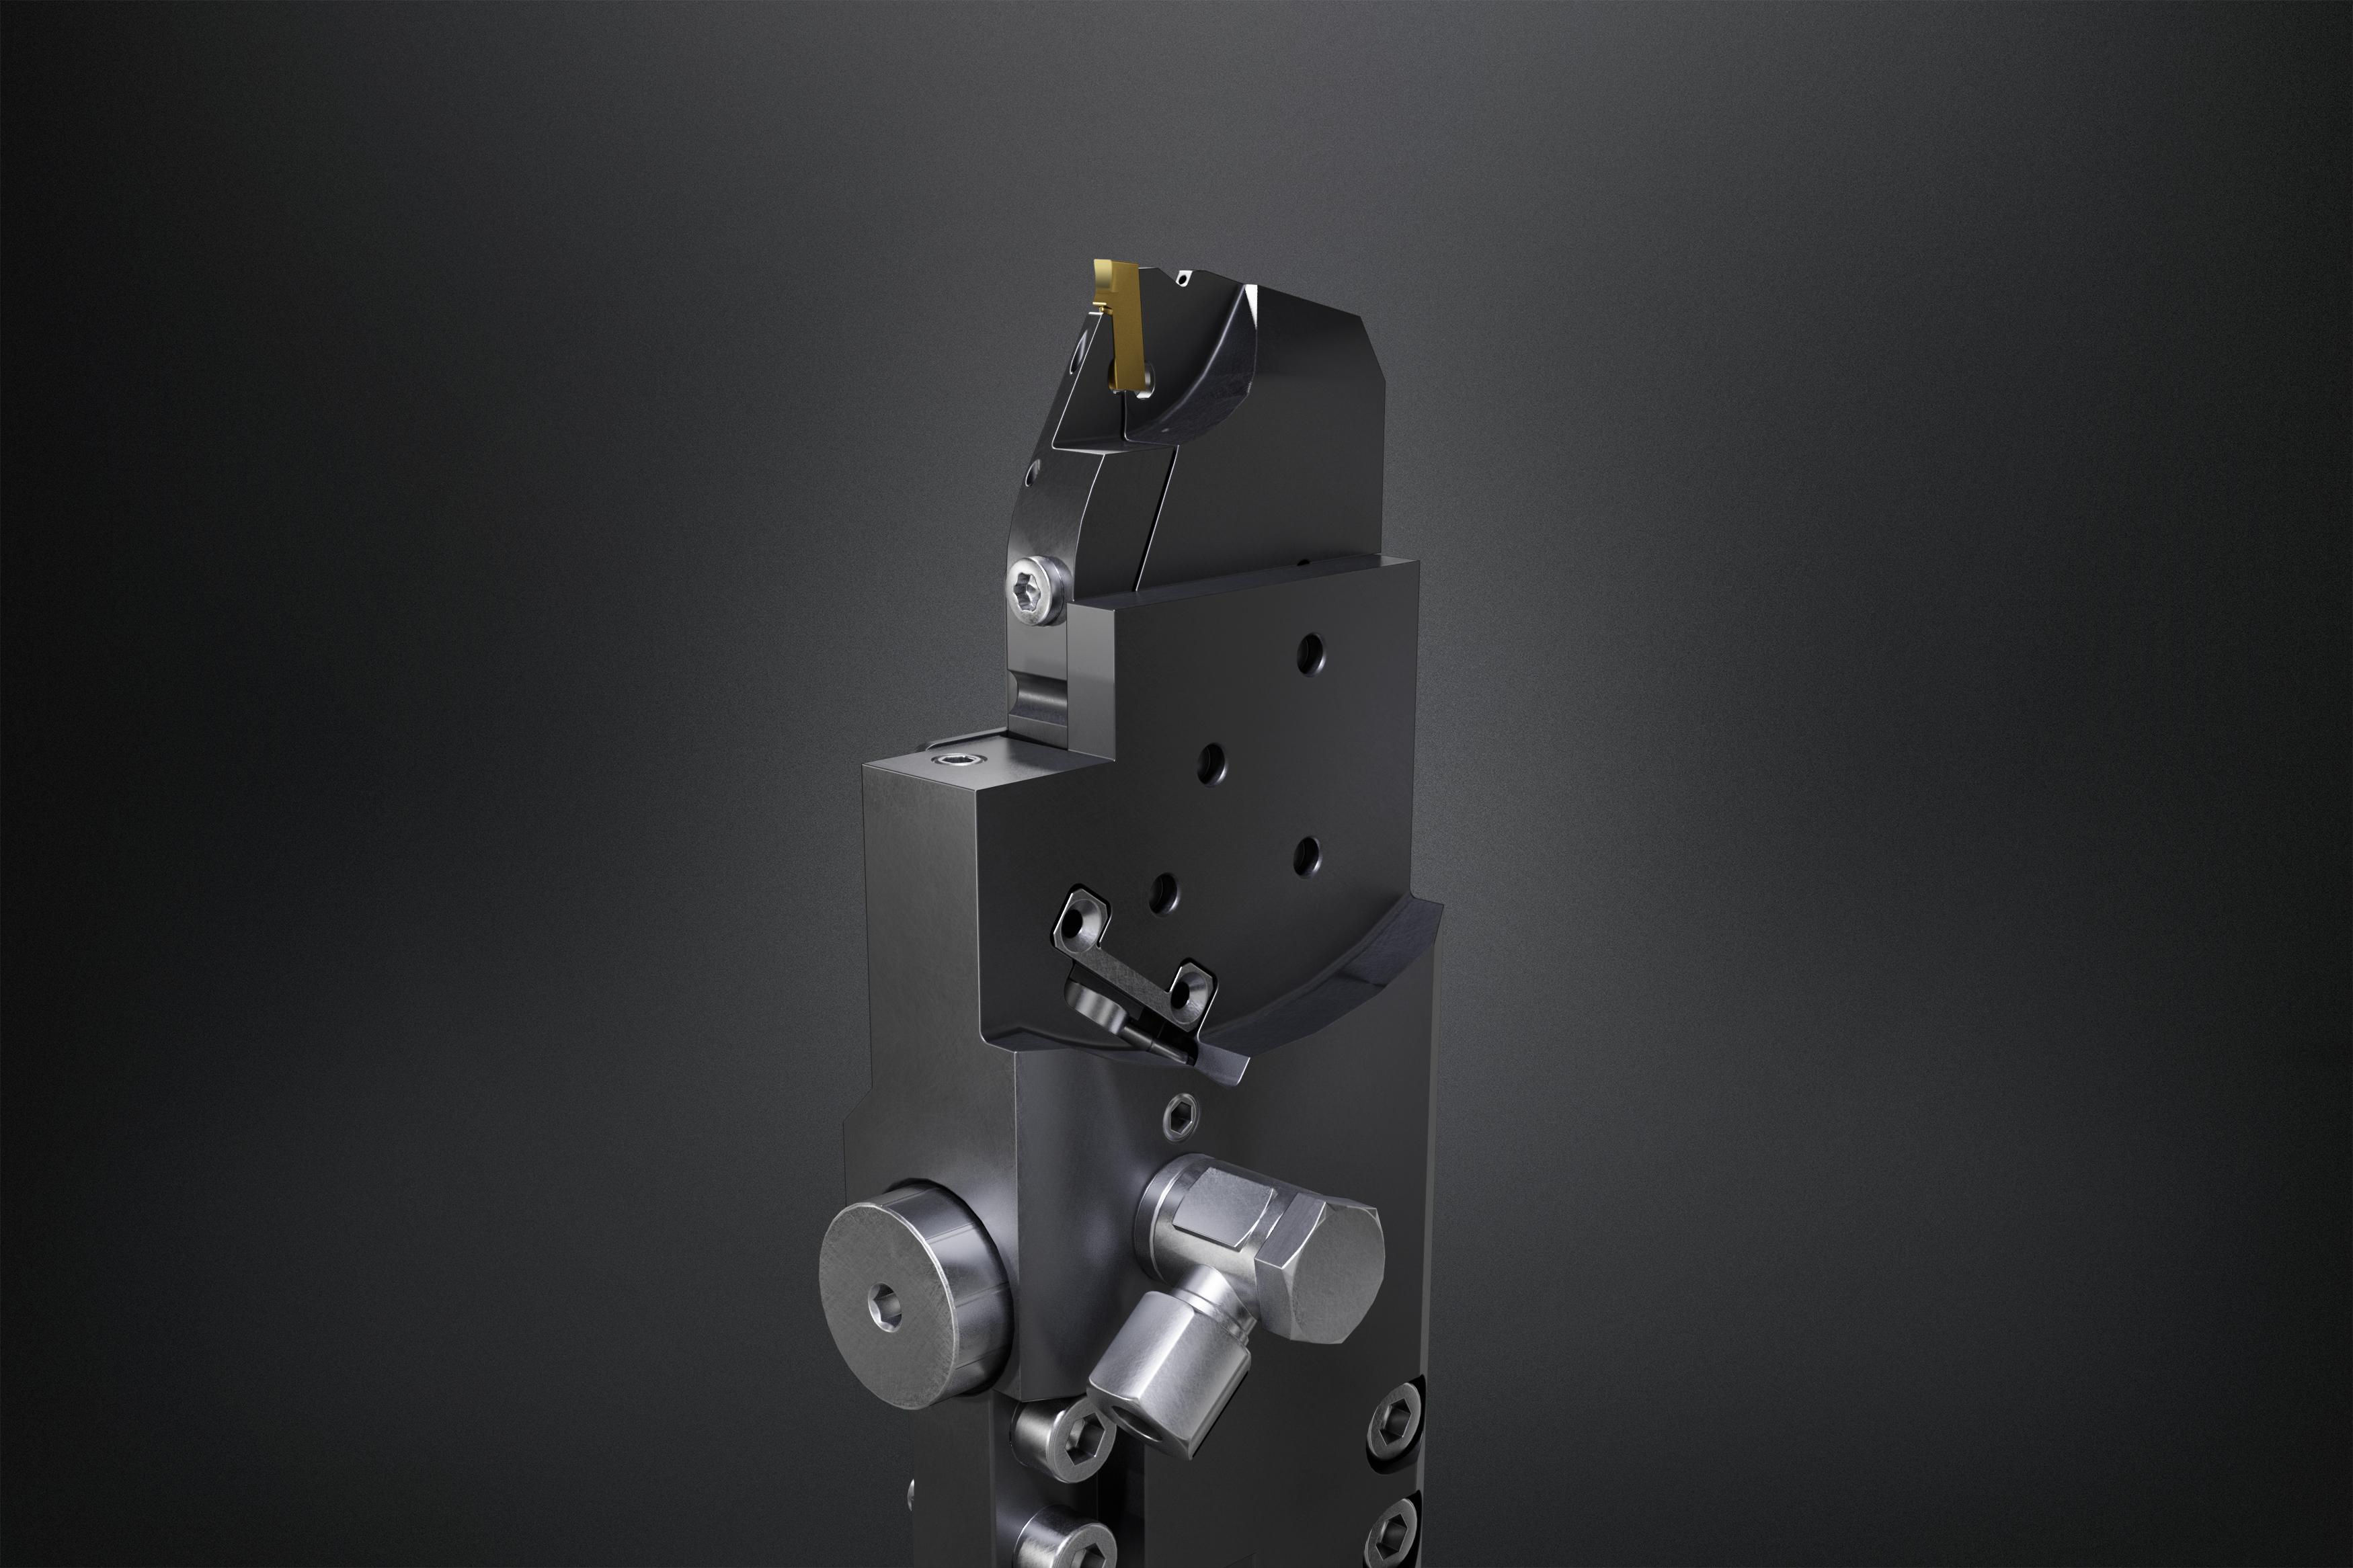 01-Paul-Horn-GmbH-PTS-Detail-b.jpg